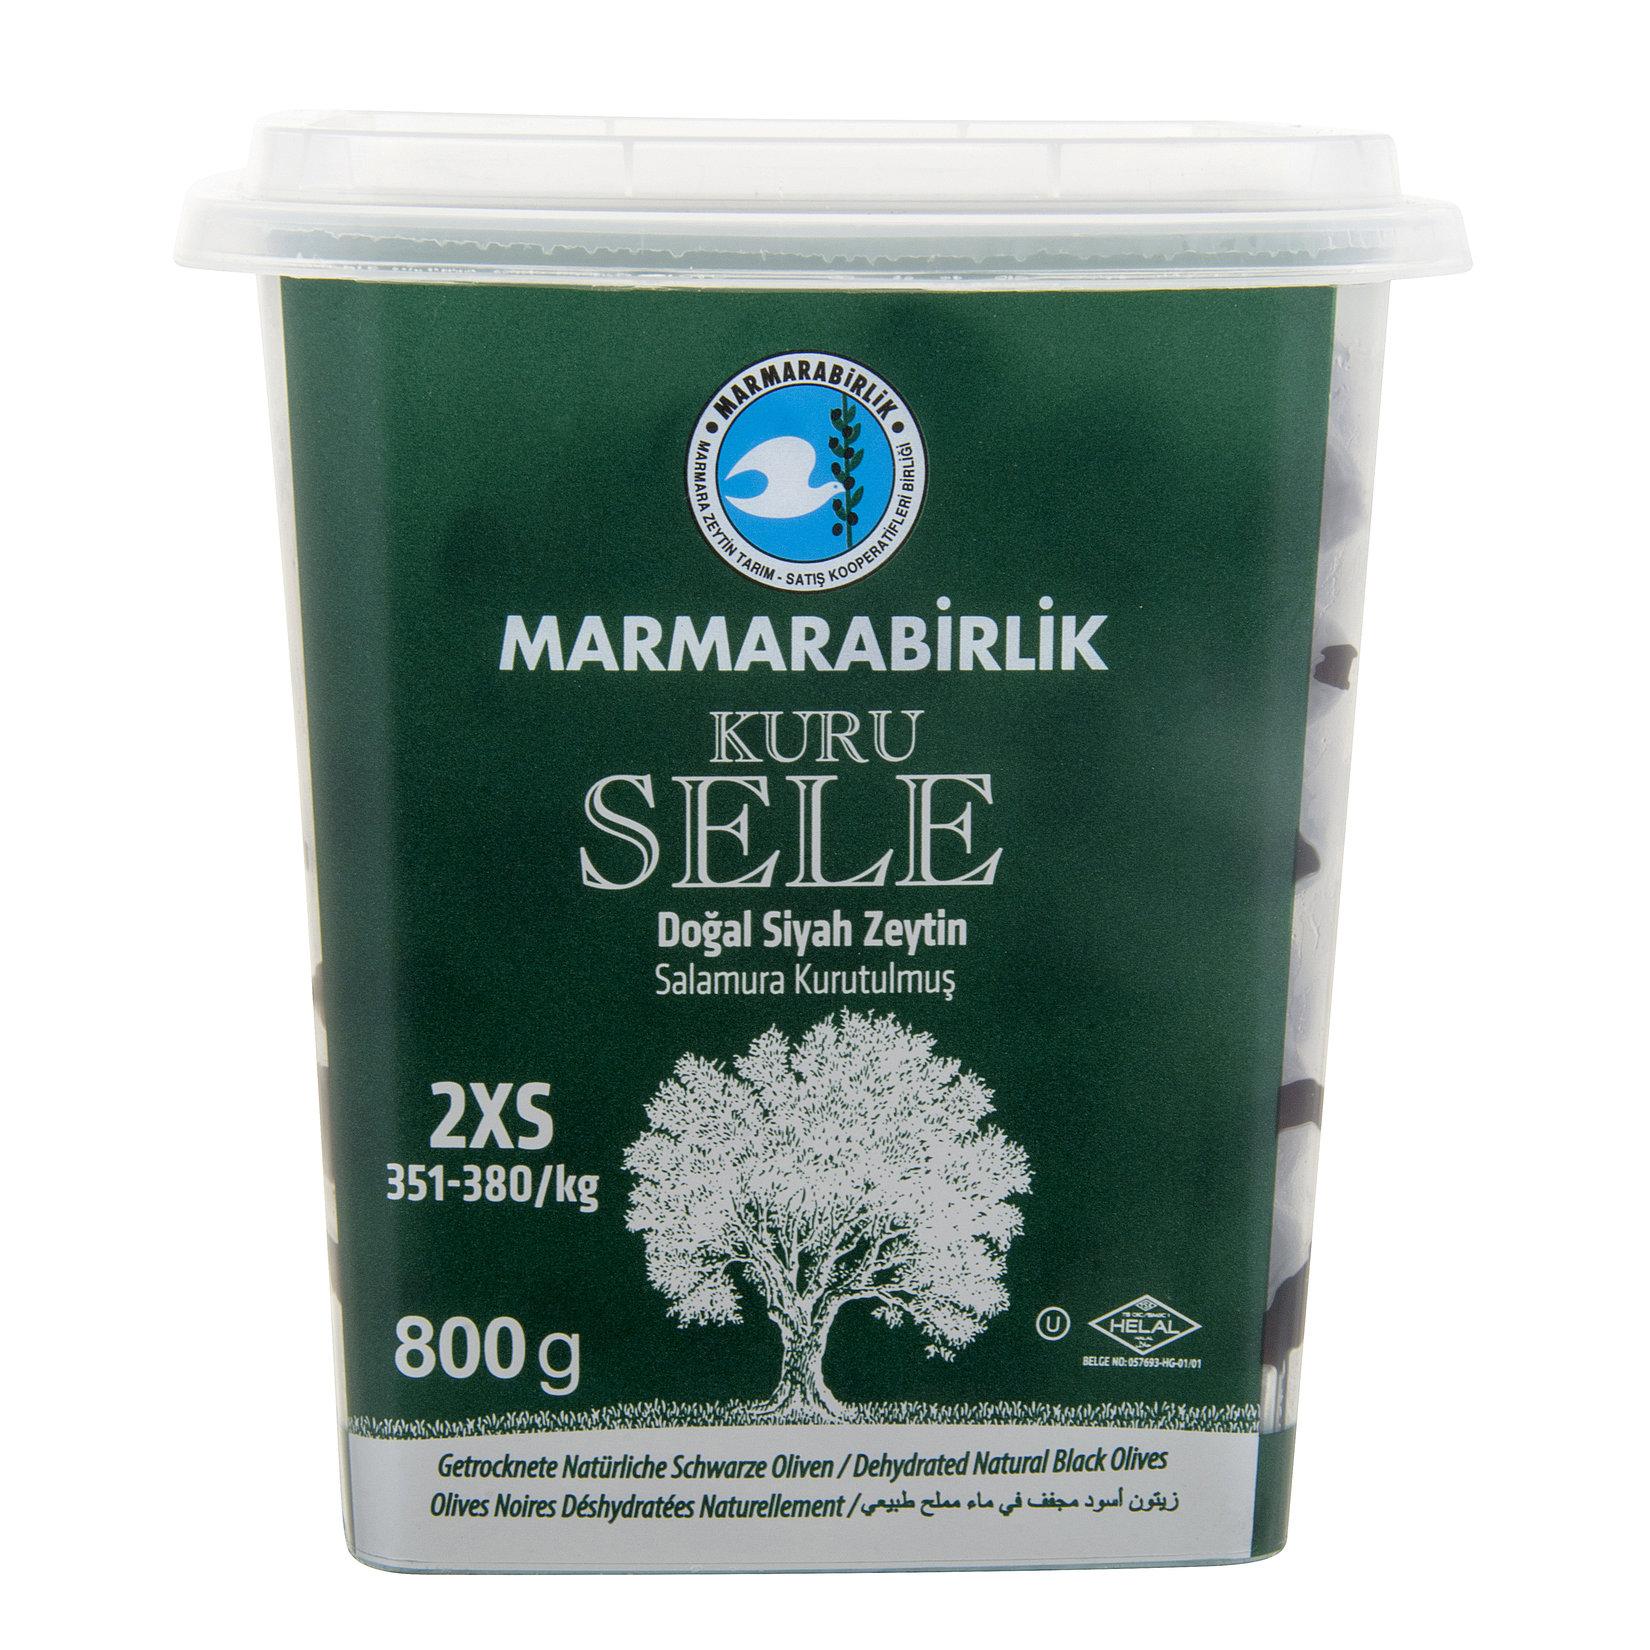 Marmarabirlik Dogal Siyah Zeytin / getrocknete natürliche schwarze Oliven gr. 2XS 800g